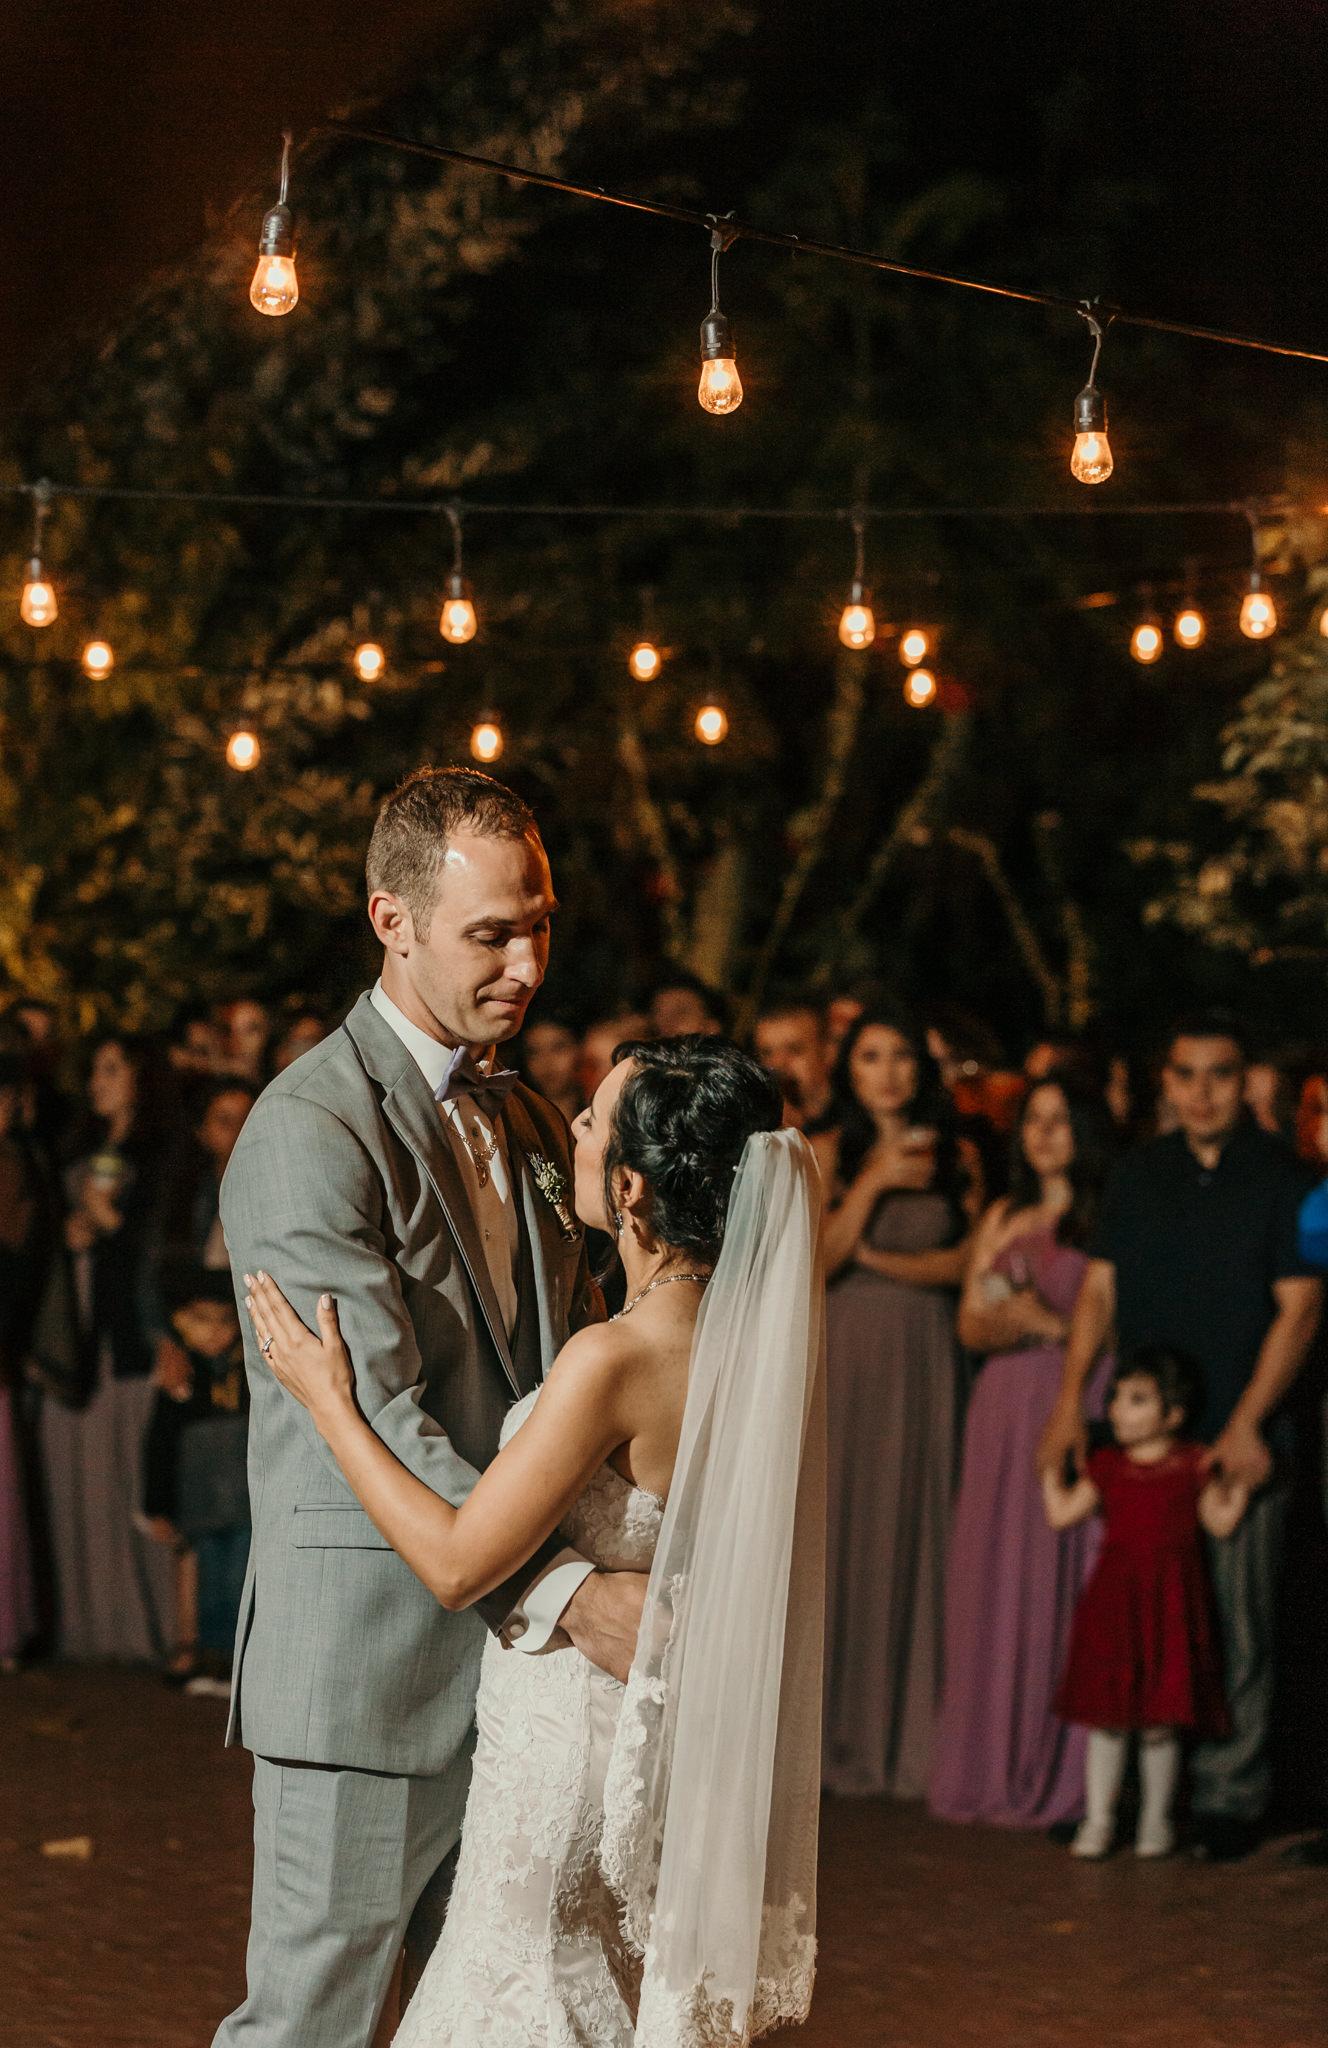 Jardines Outdoor Garden Wedding Reception First Dance